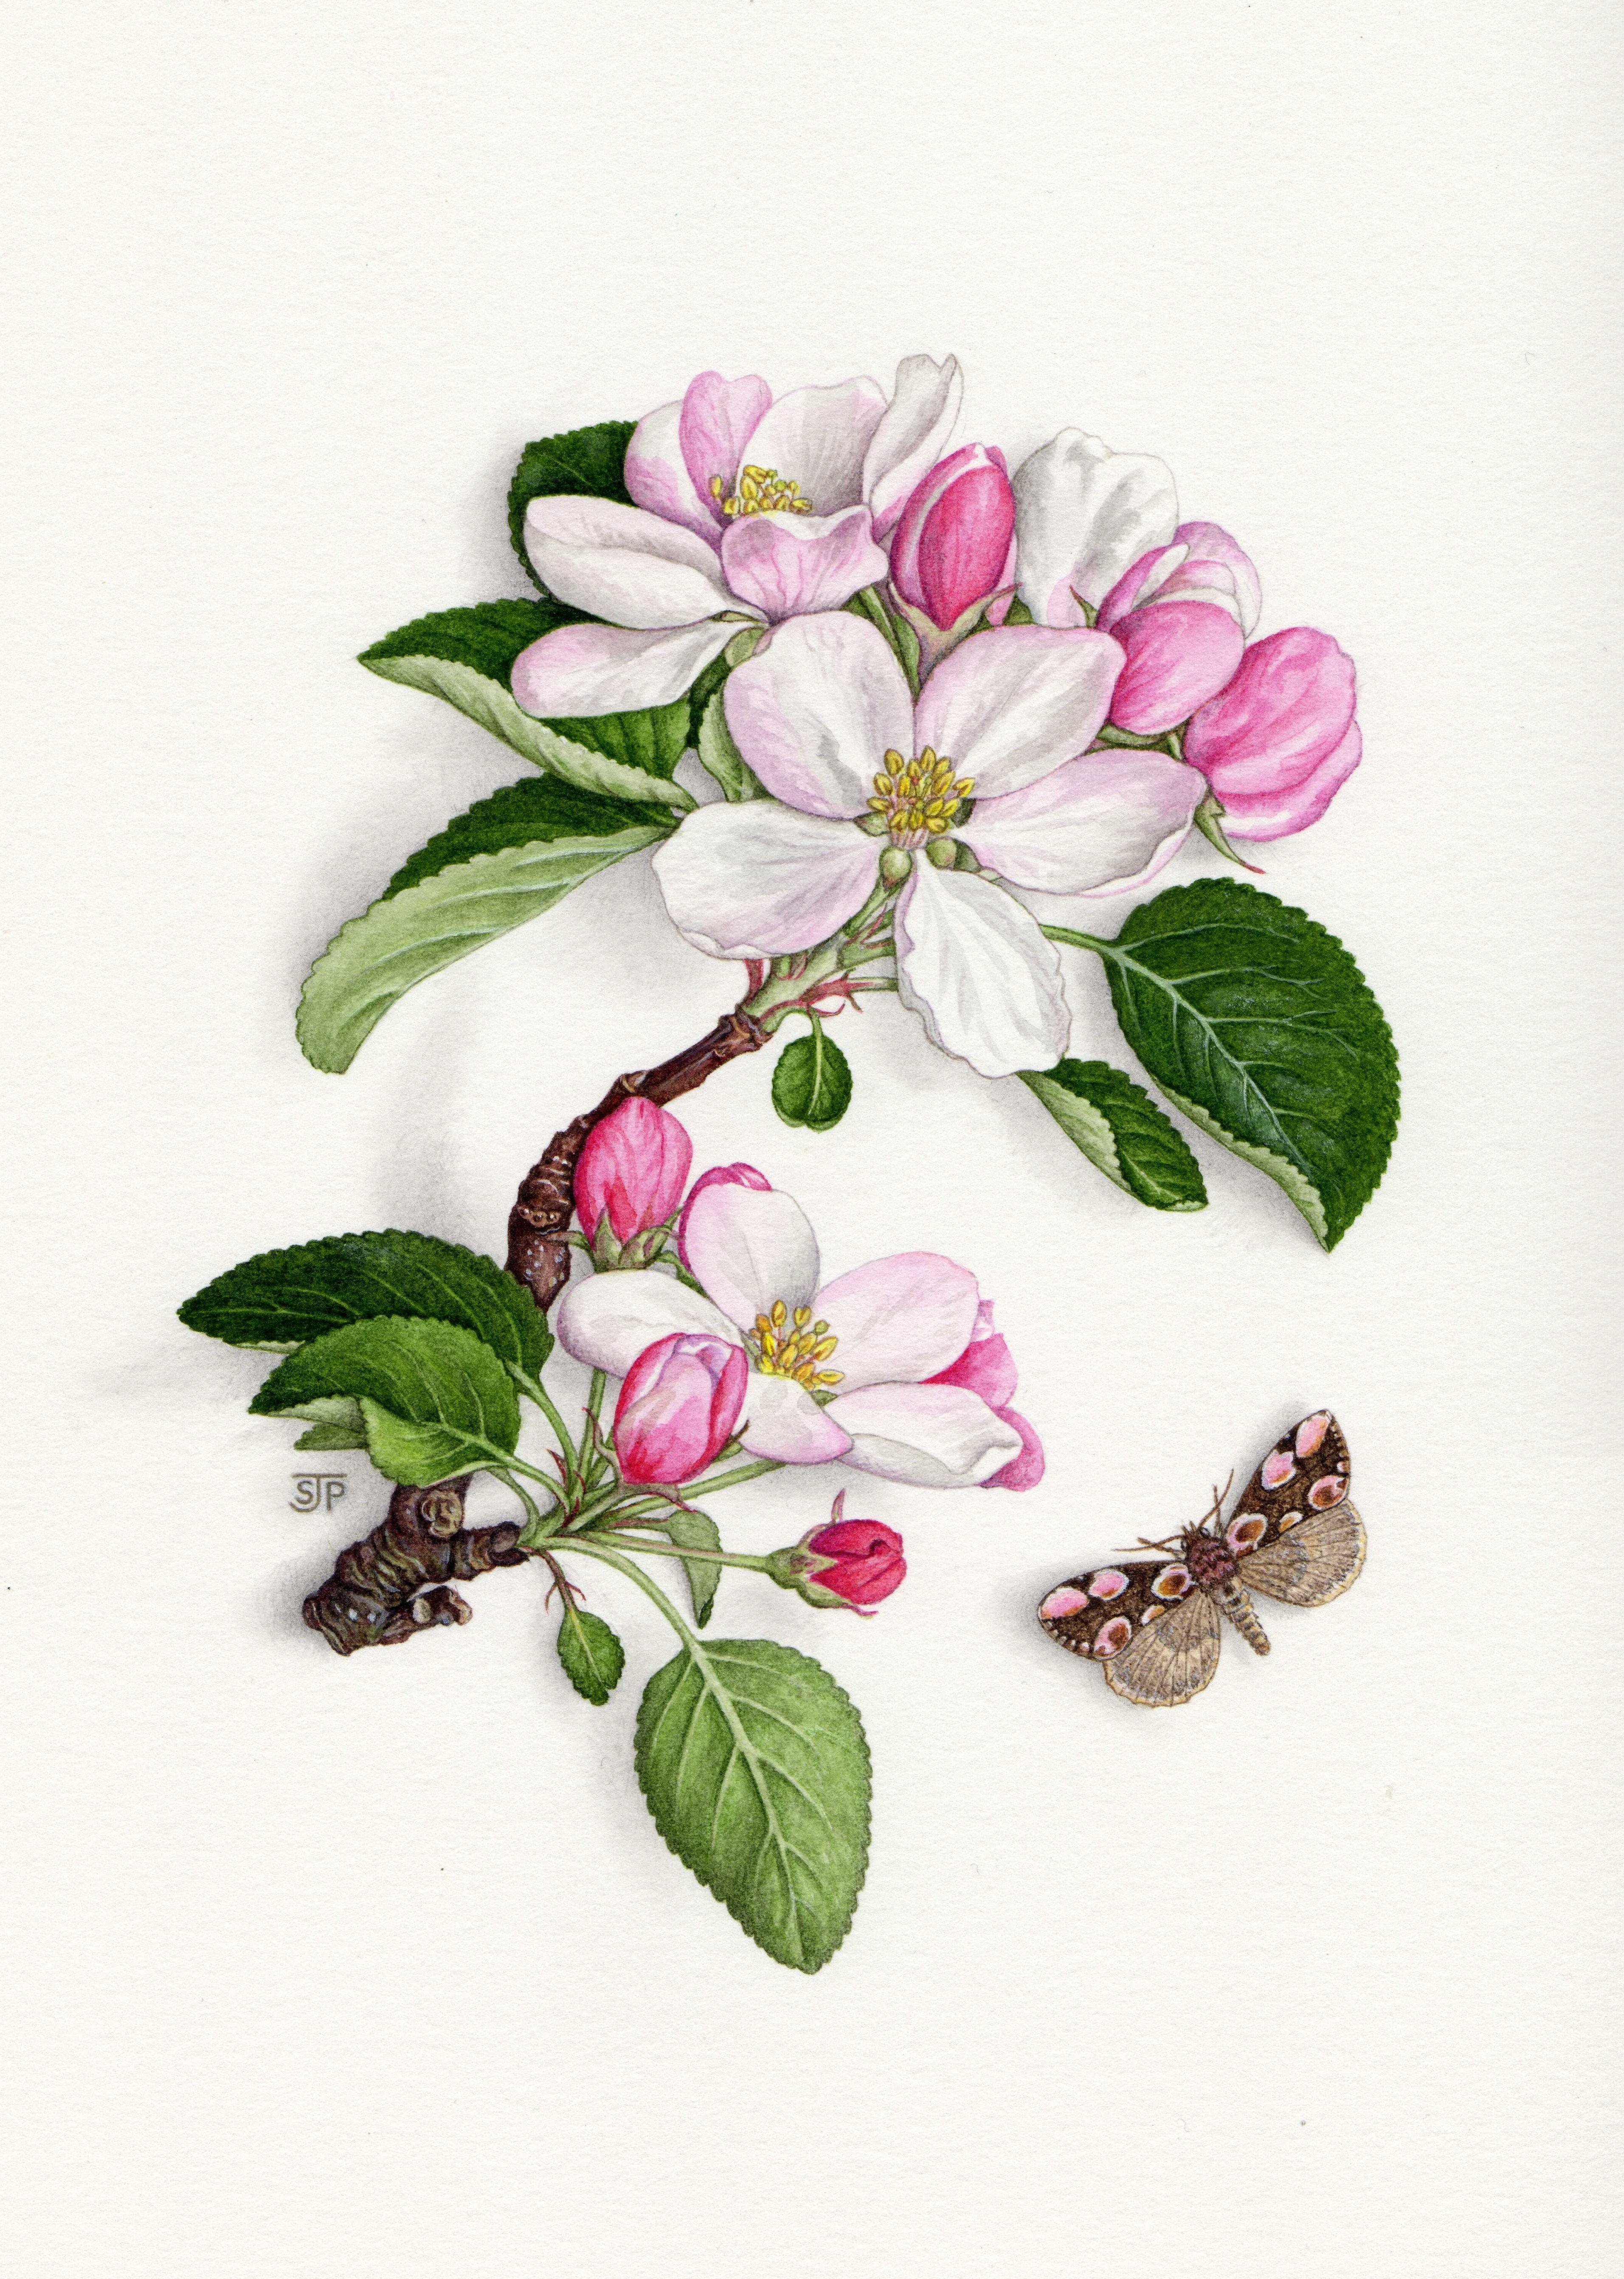 Apple blossom and peach blossom moth, Botanical/natural ...